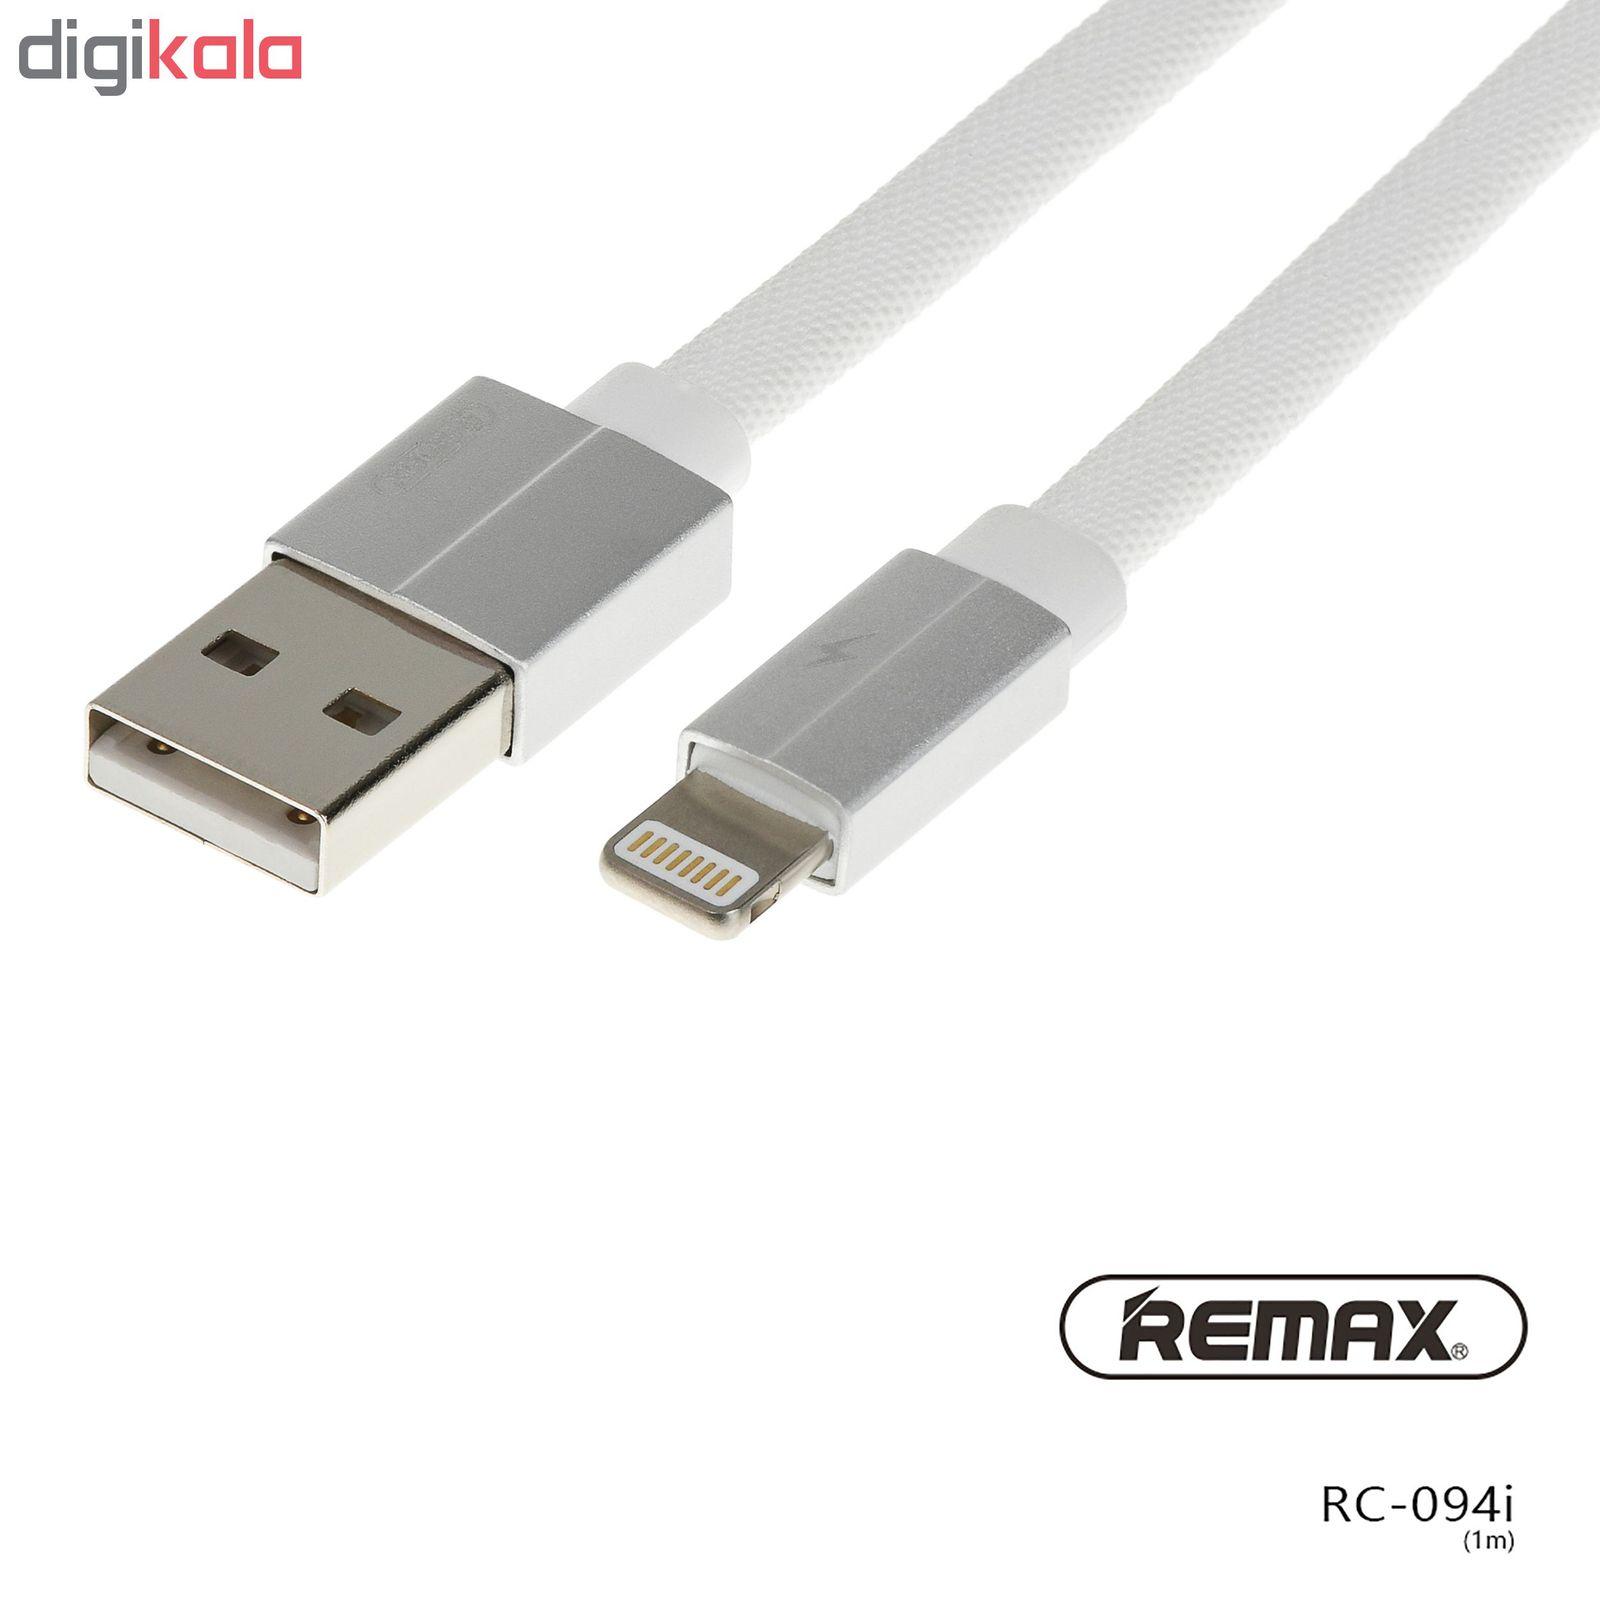 کابل تبدیل USB به لایتنینگ ریمکس مدل Kerolla RC-094i طول 1 متر main 1 7